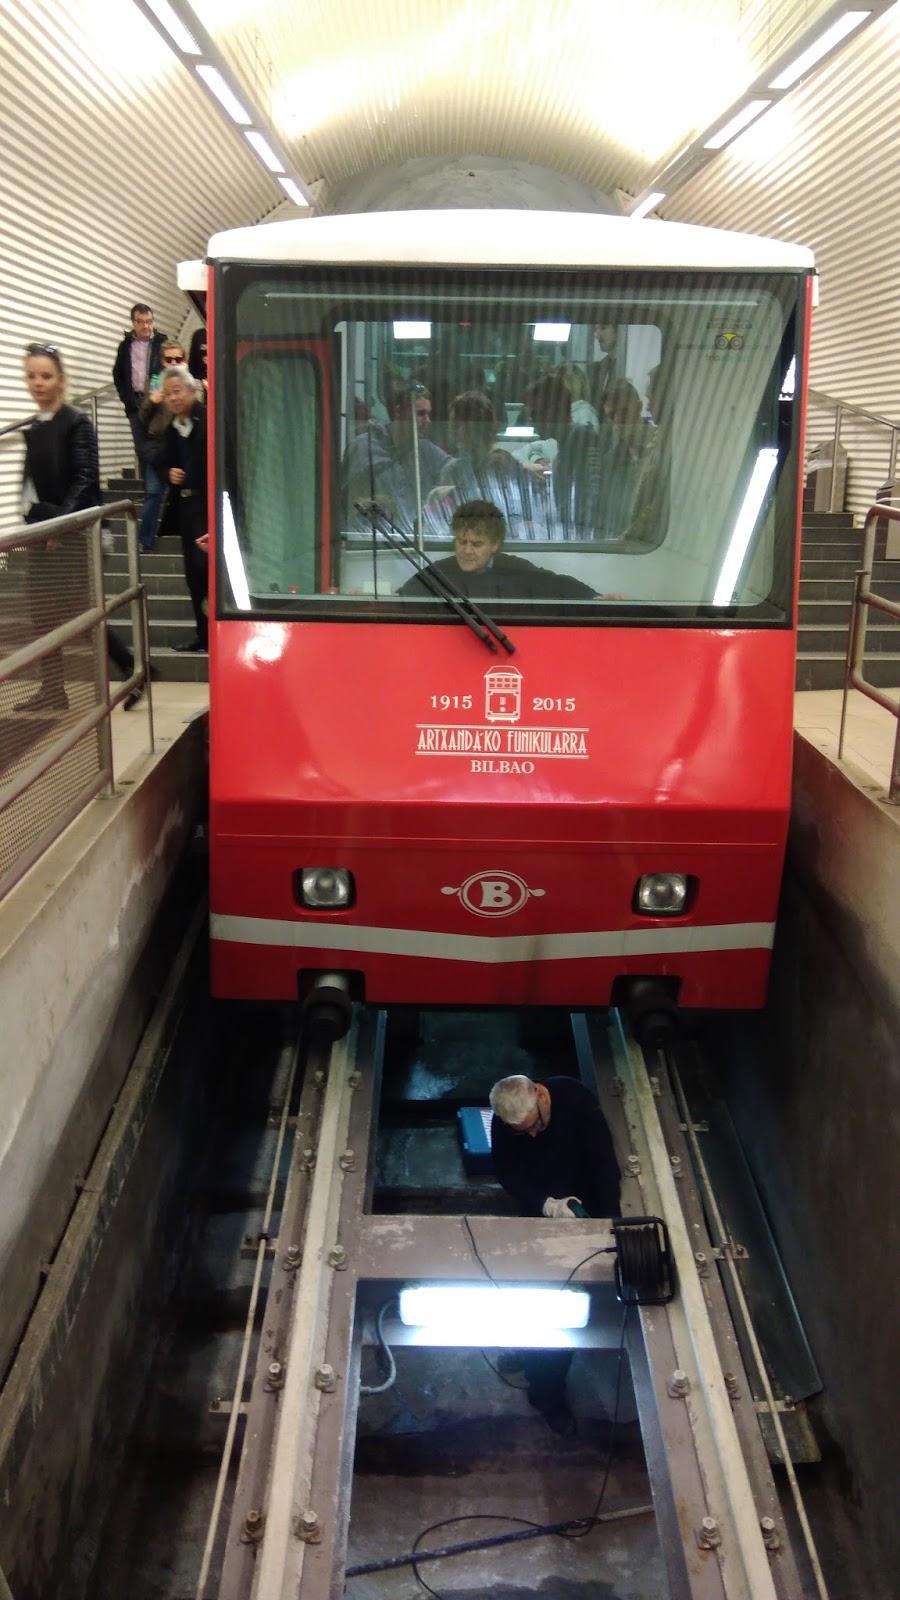 Kolejka prowadząca na punkt widokowy w Bilbao